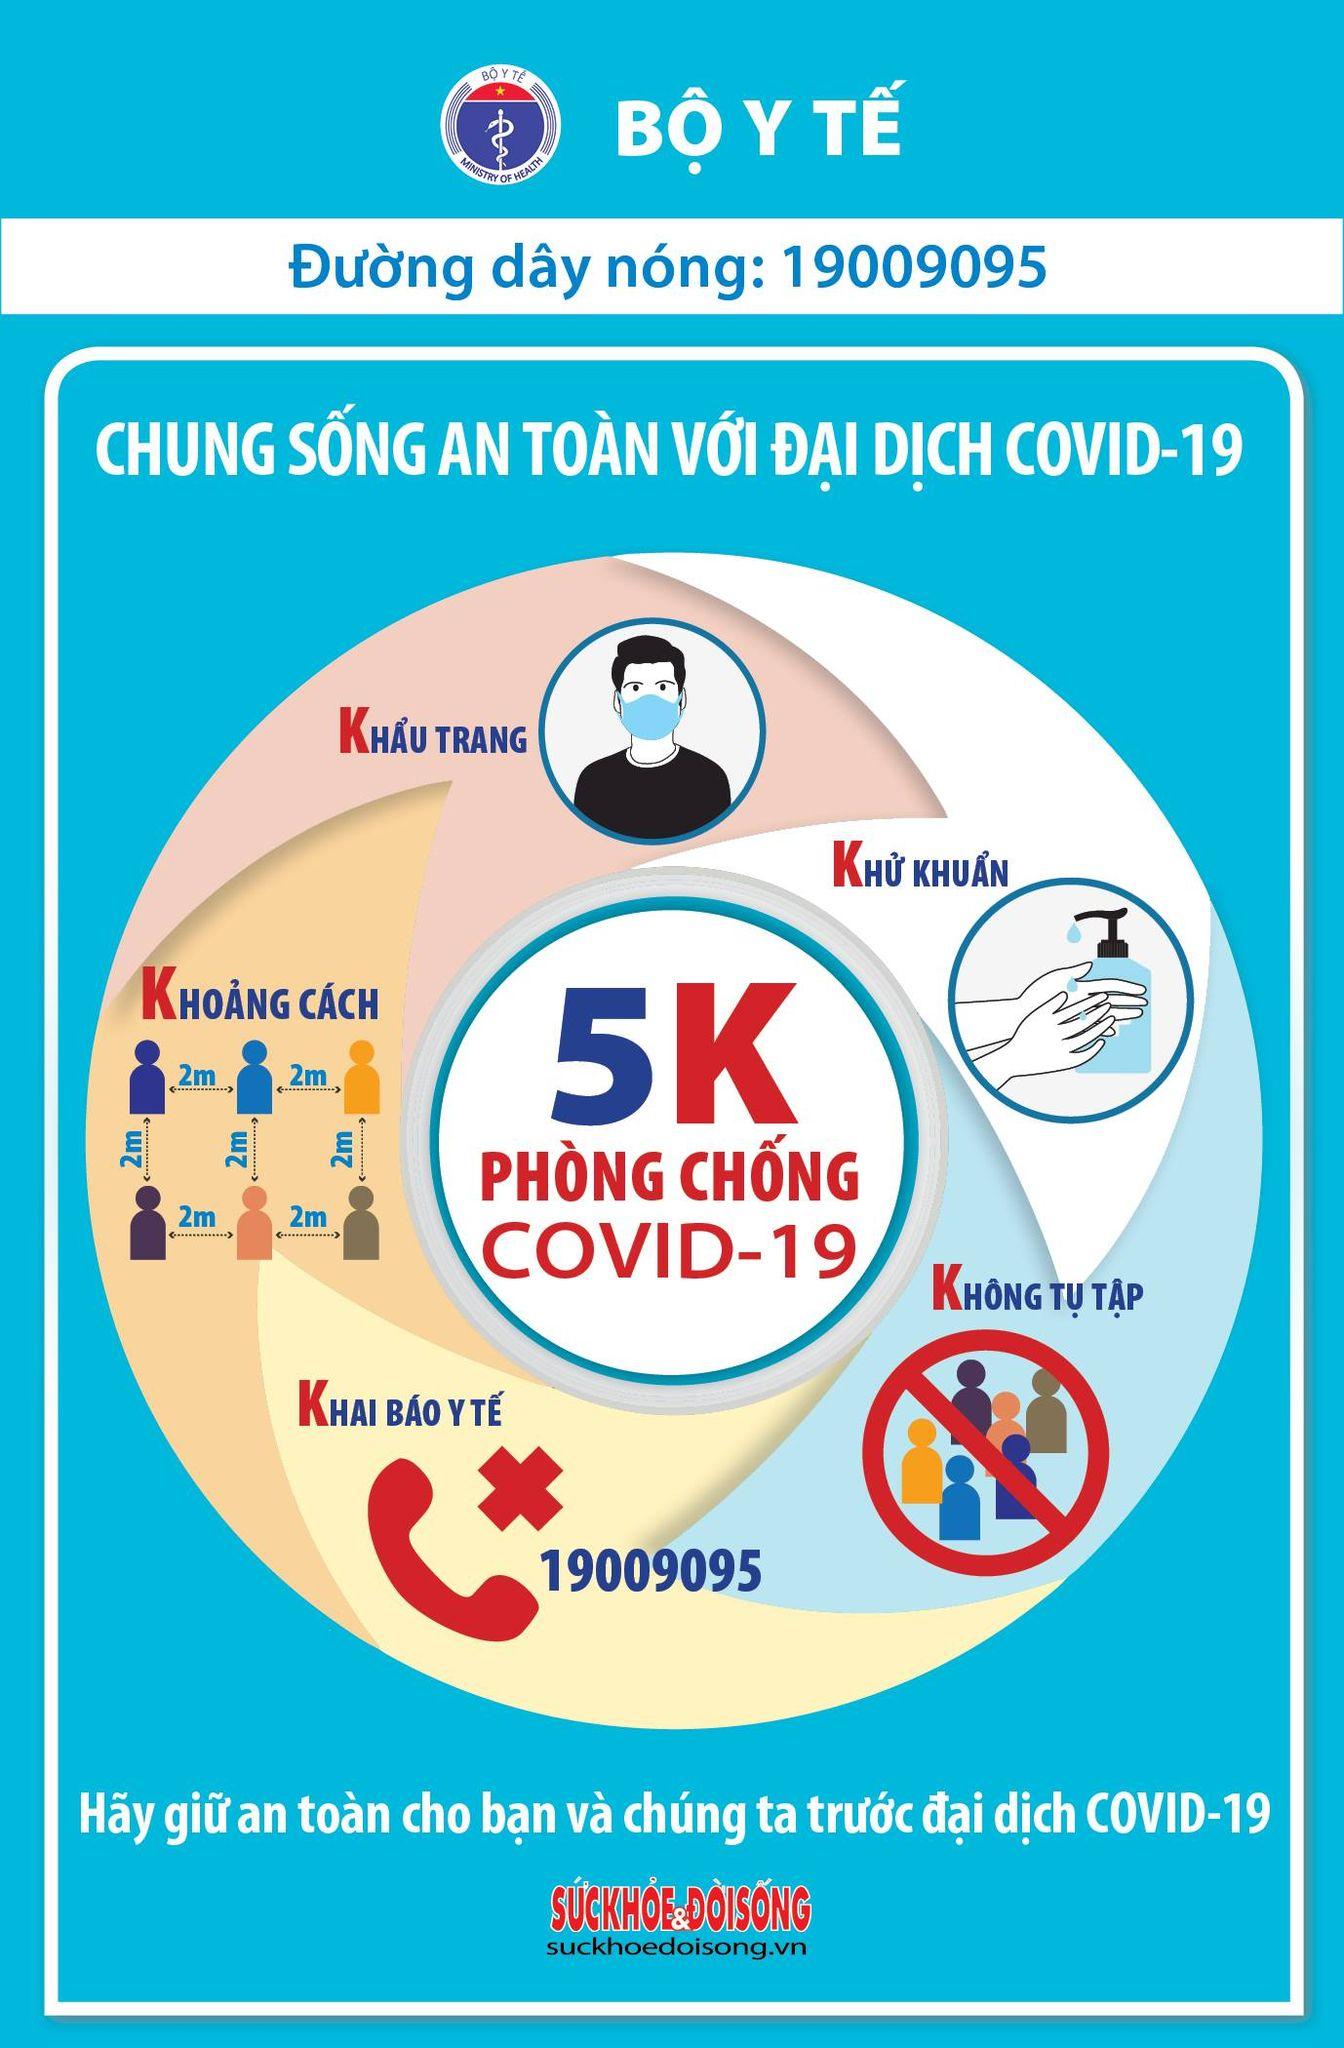 Sáng 13/5: Việt Nam có thêm 33 ca mắc COVID-19 trong nước, riêng Đà Nẵng 22 ca - Ảnh 2.